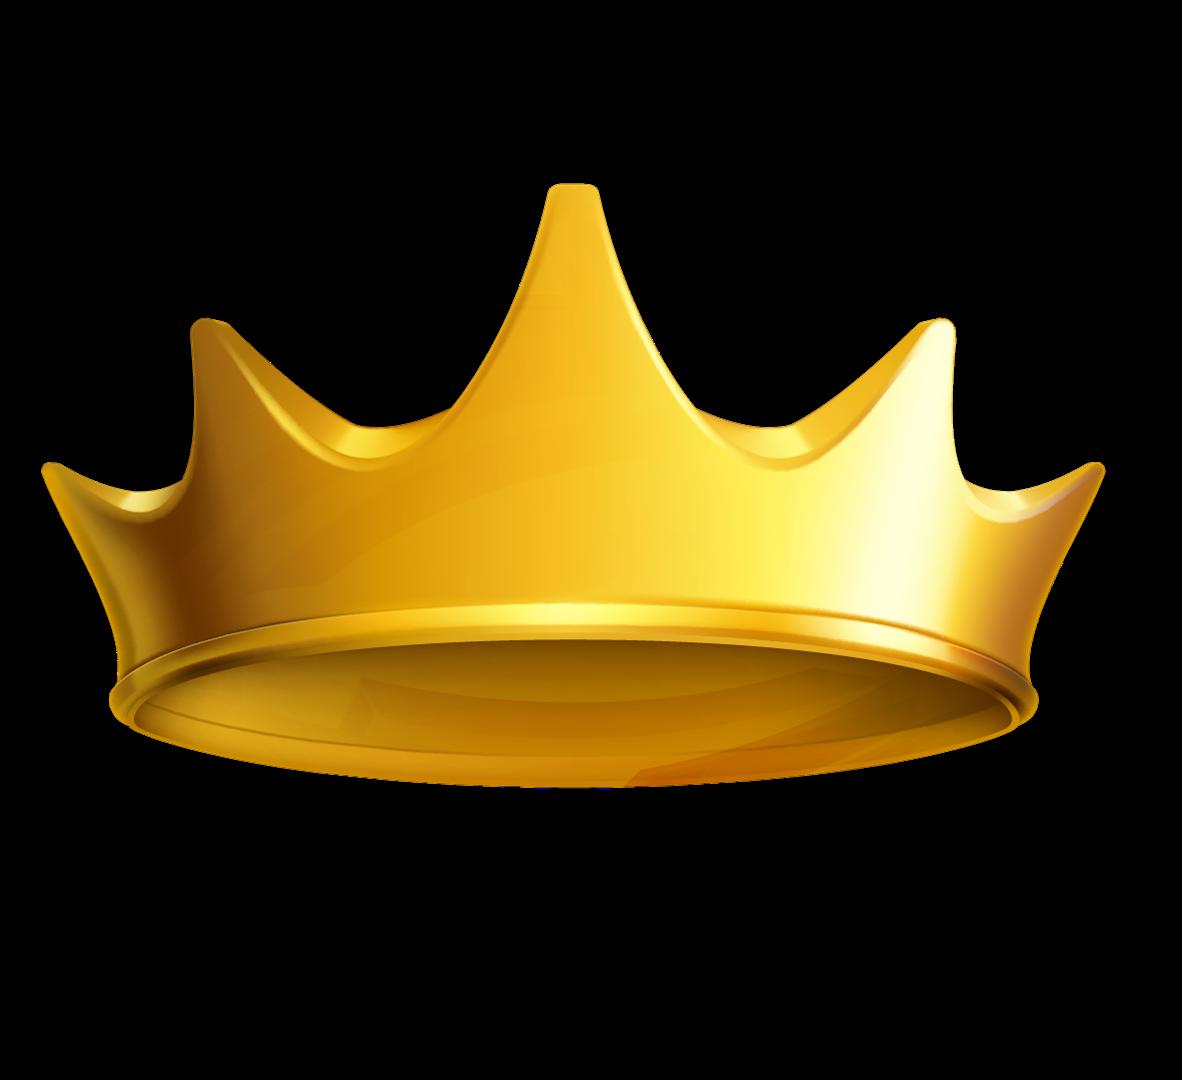 Resultado de imagen para coronas png